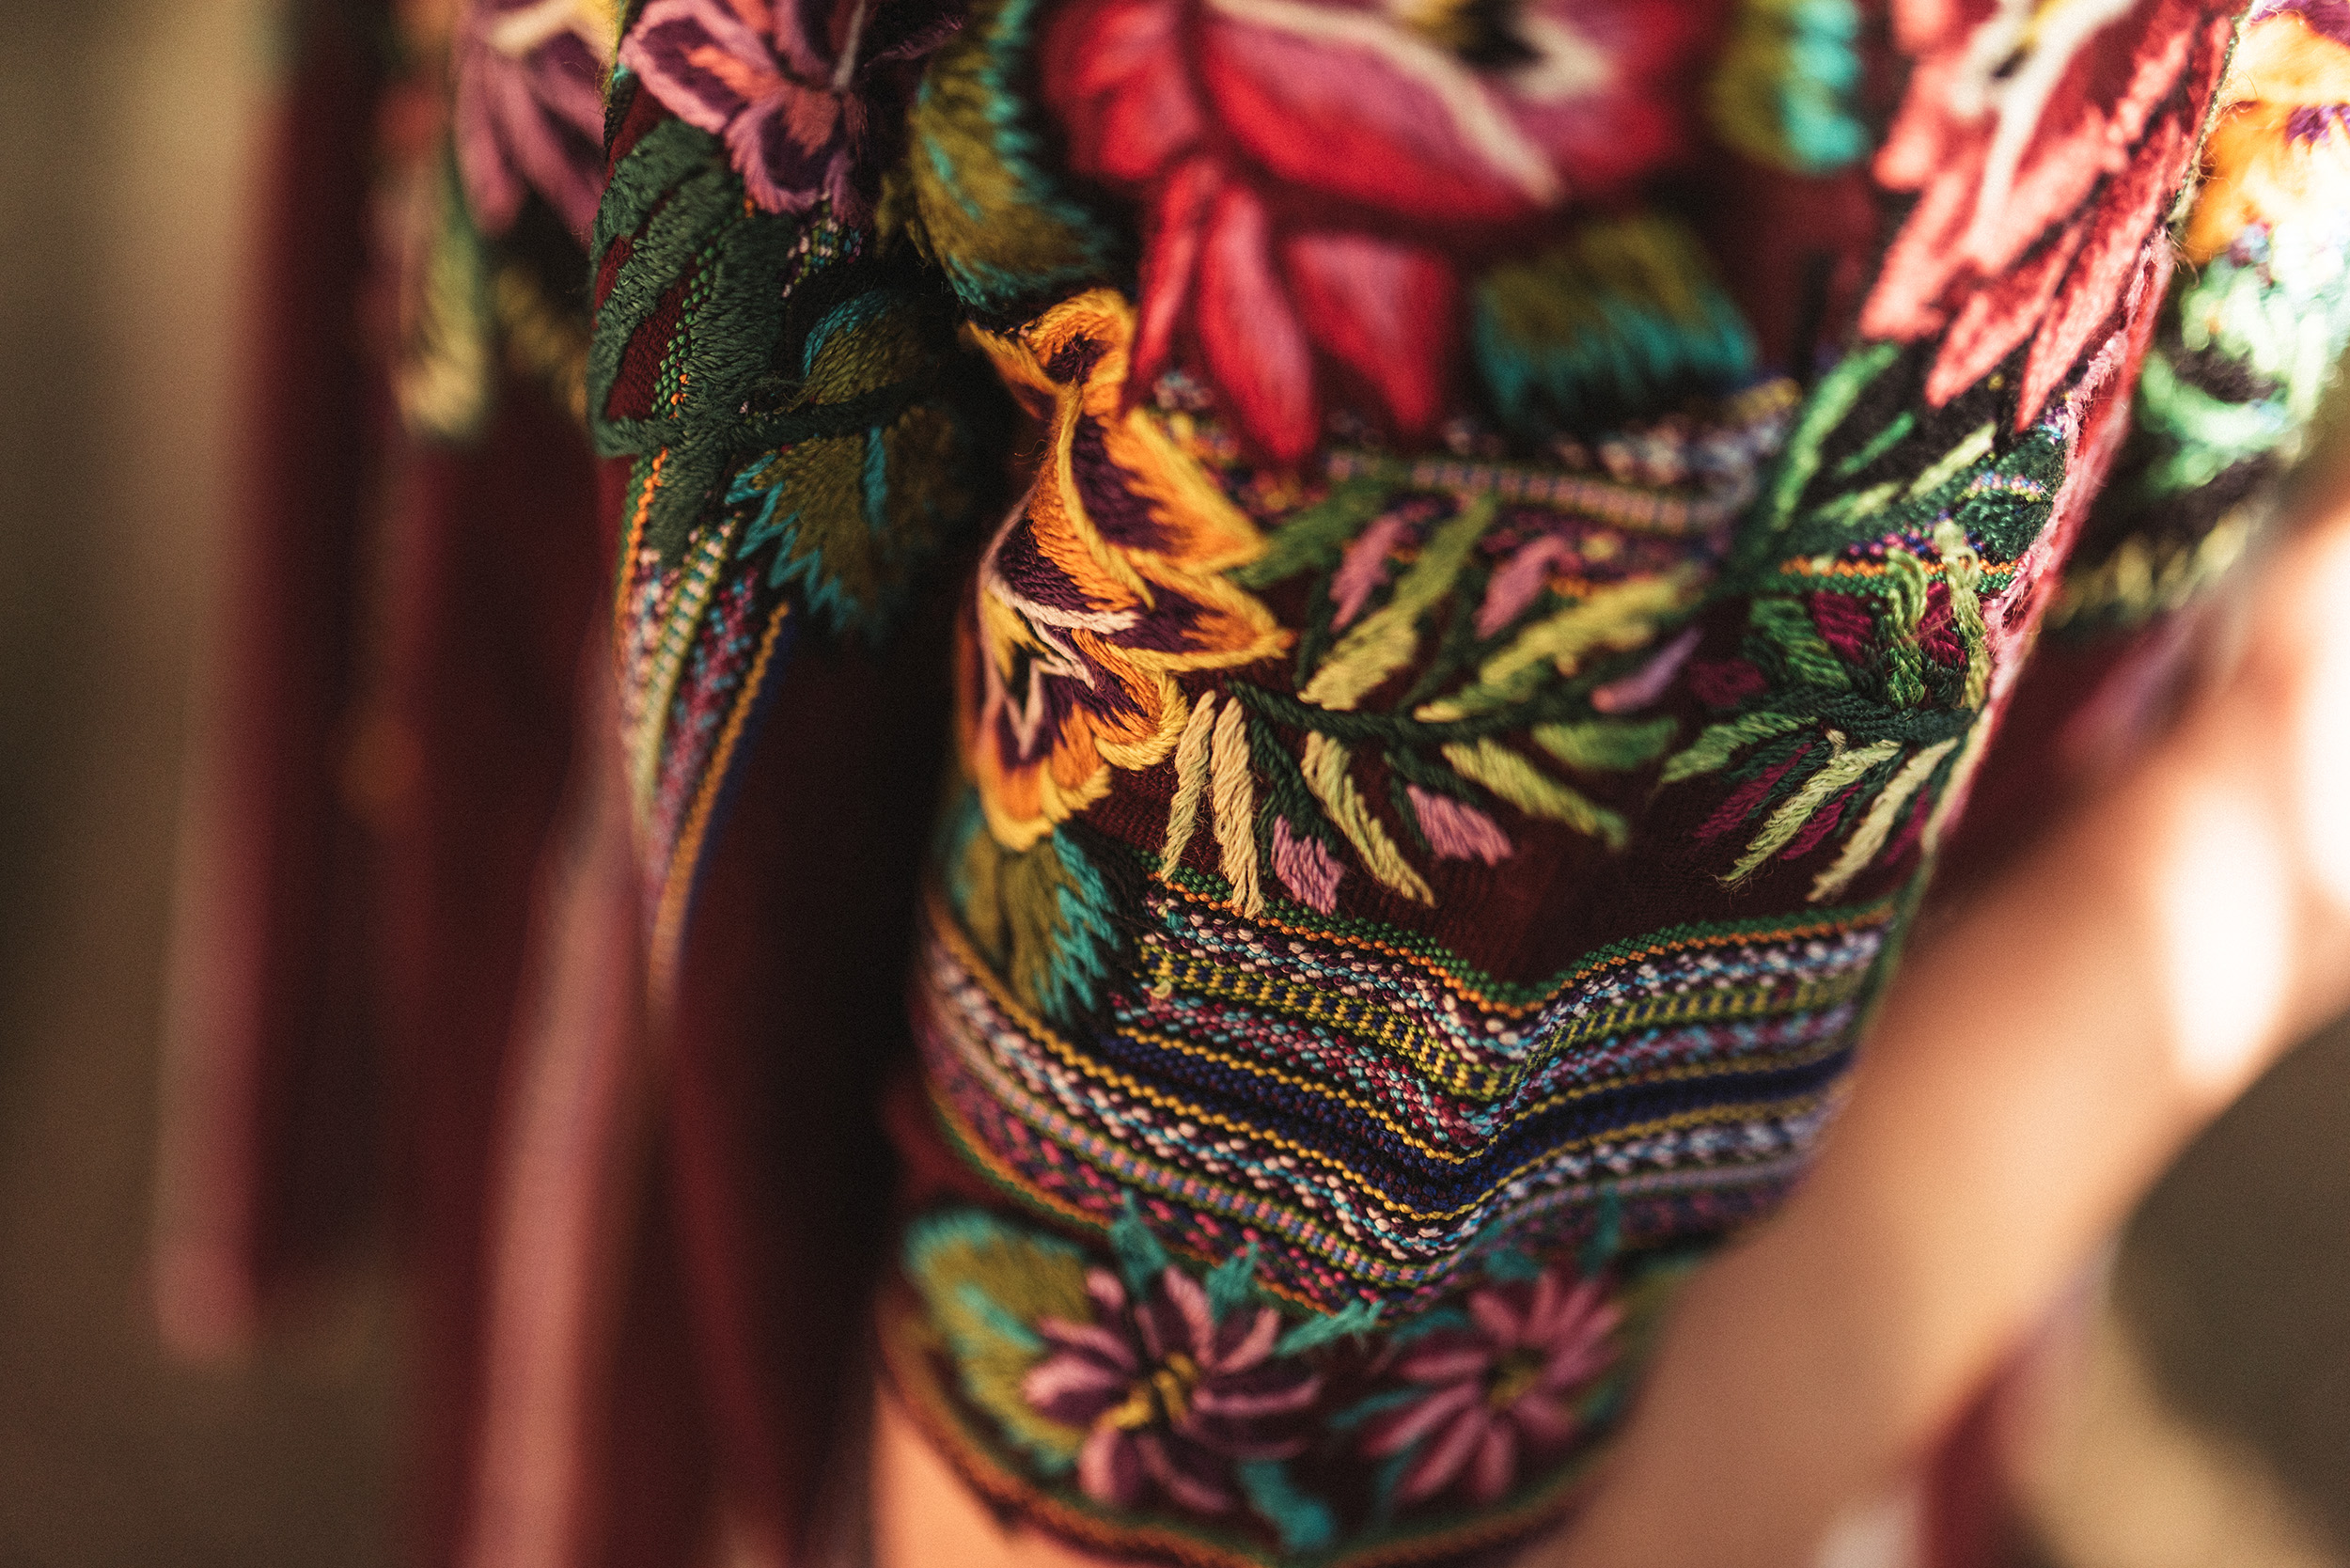 Arte textil de los pueblos indígenas de Latinoamérica en Castelo Studio